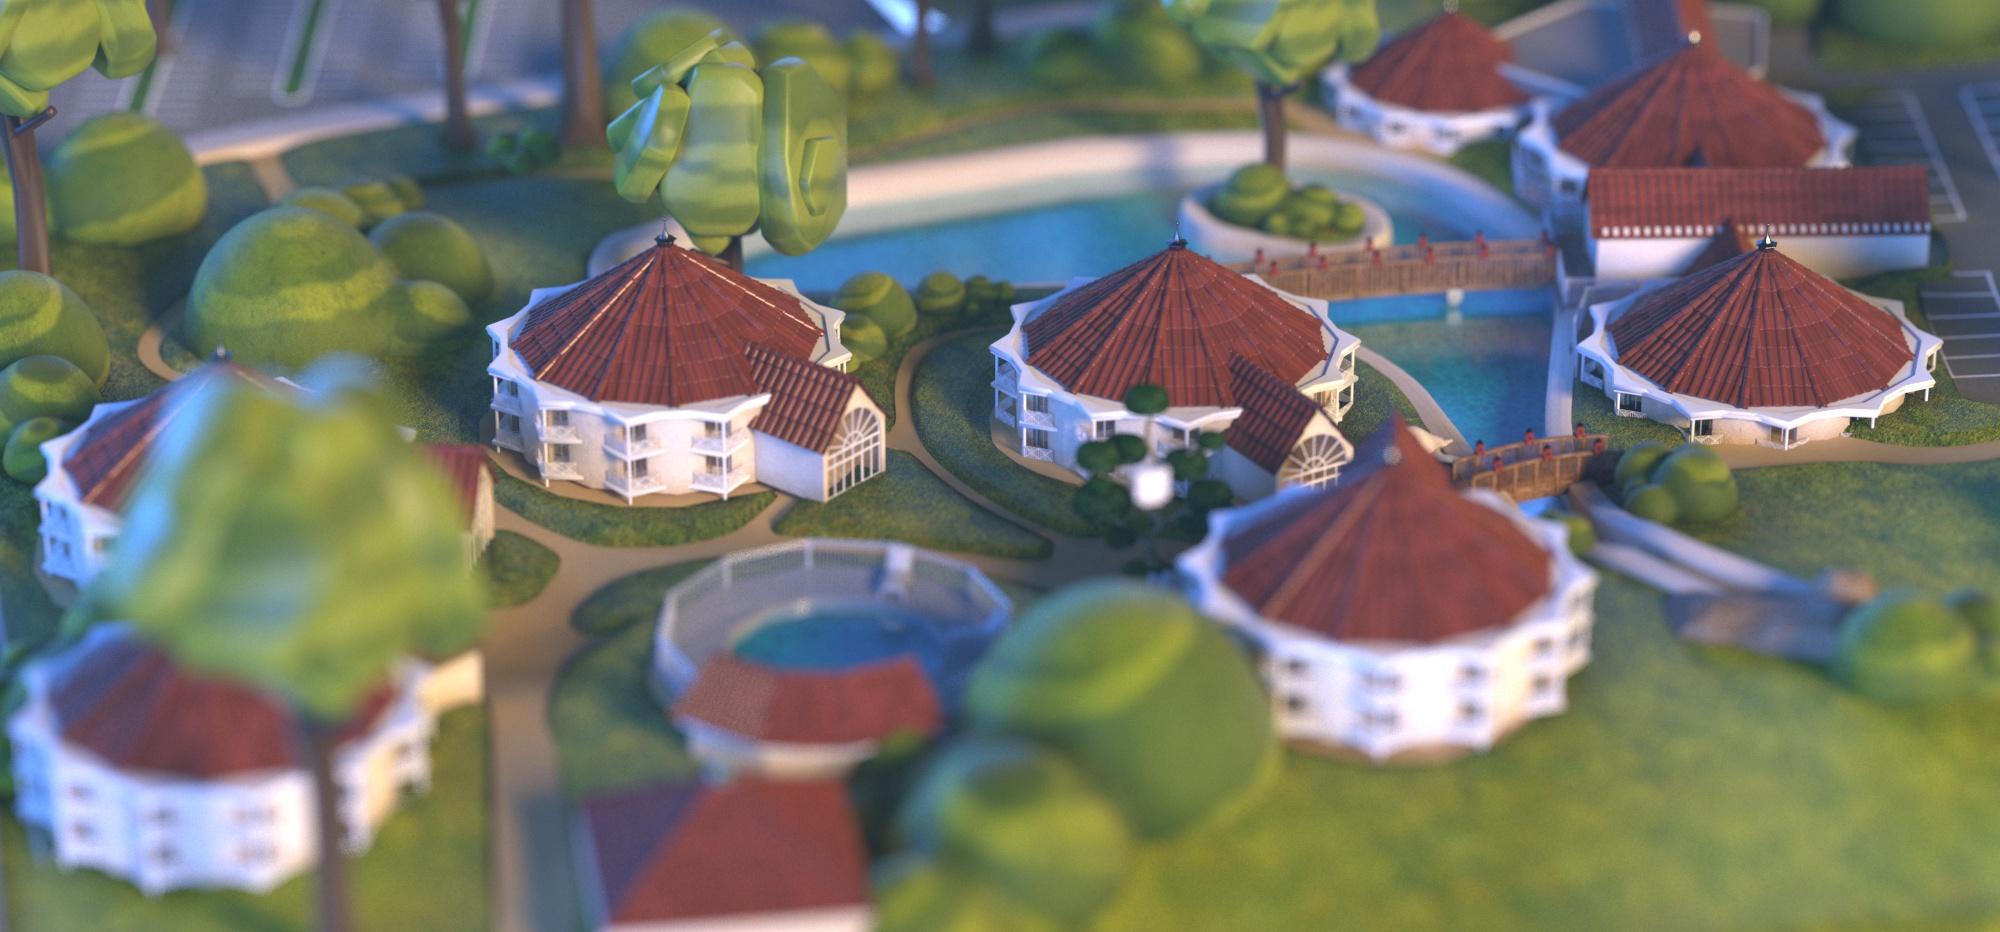 GALERIE-Dripmoon-Studio-3D-Tours-Motion-design-Zooparc-de-Beauval-Plan-du-parc 11